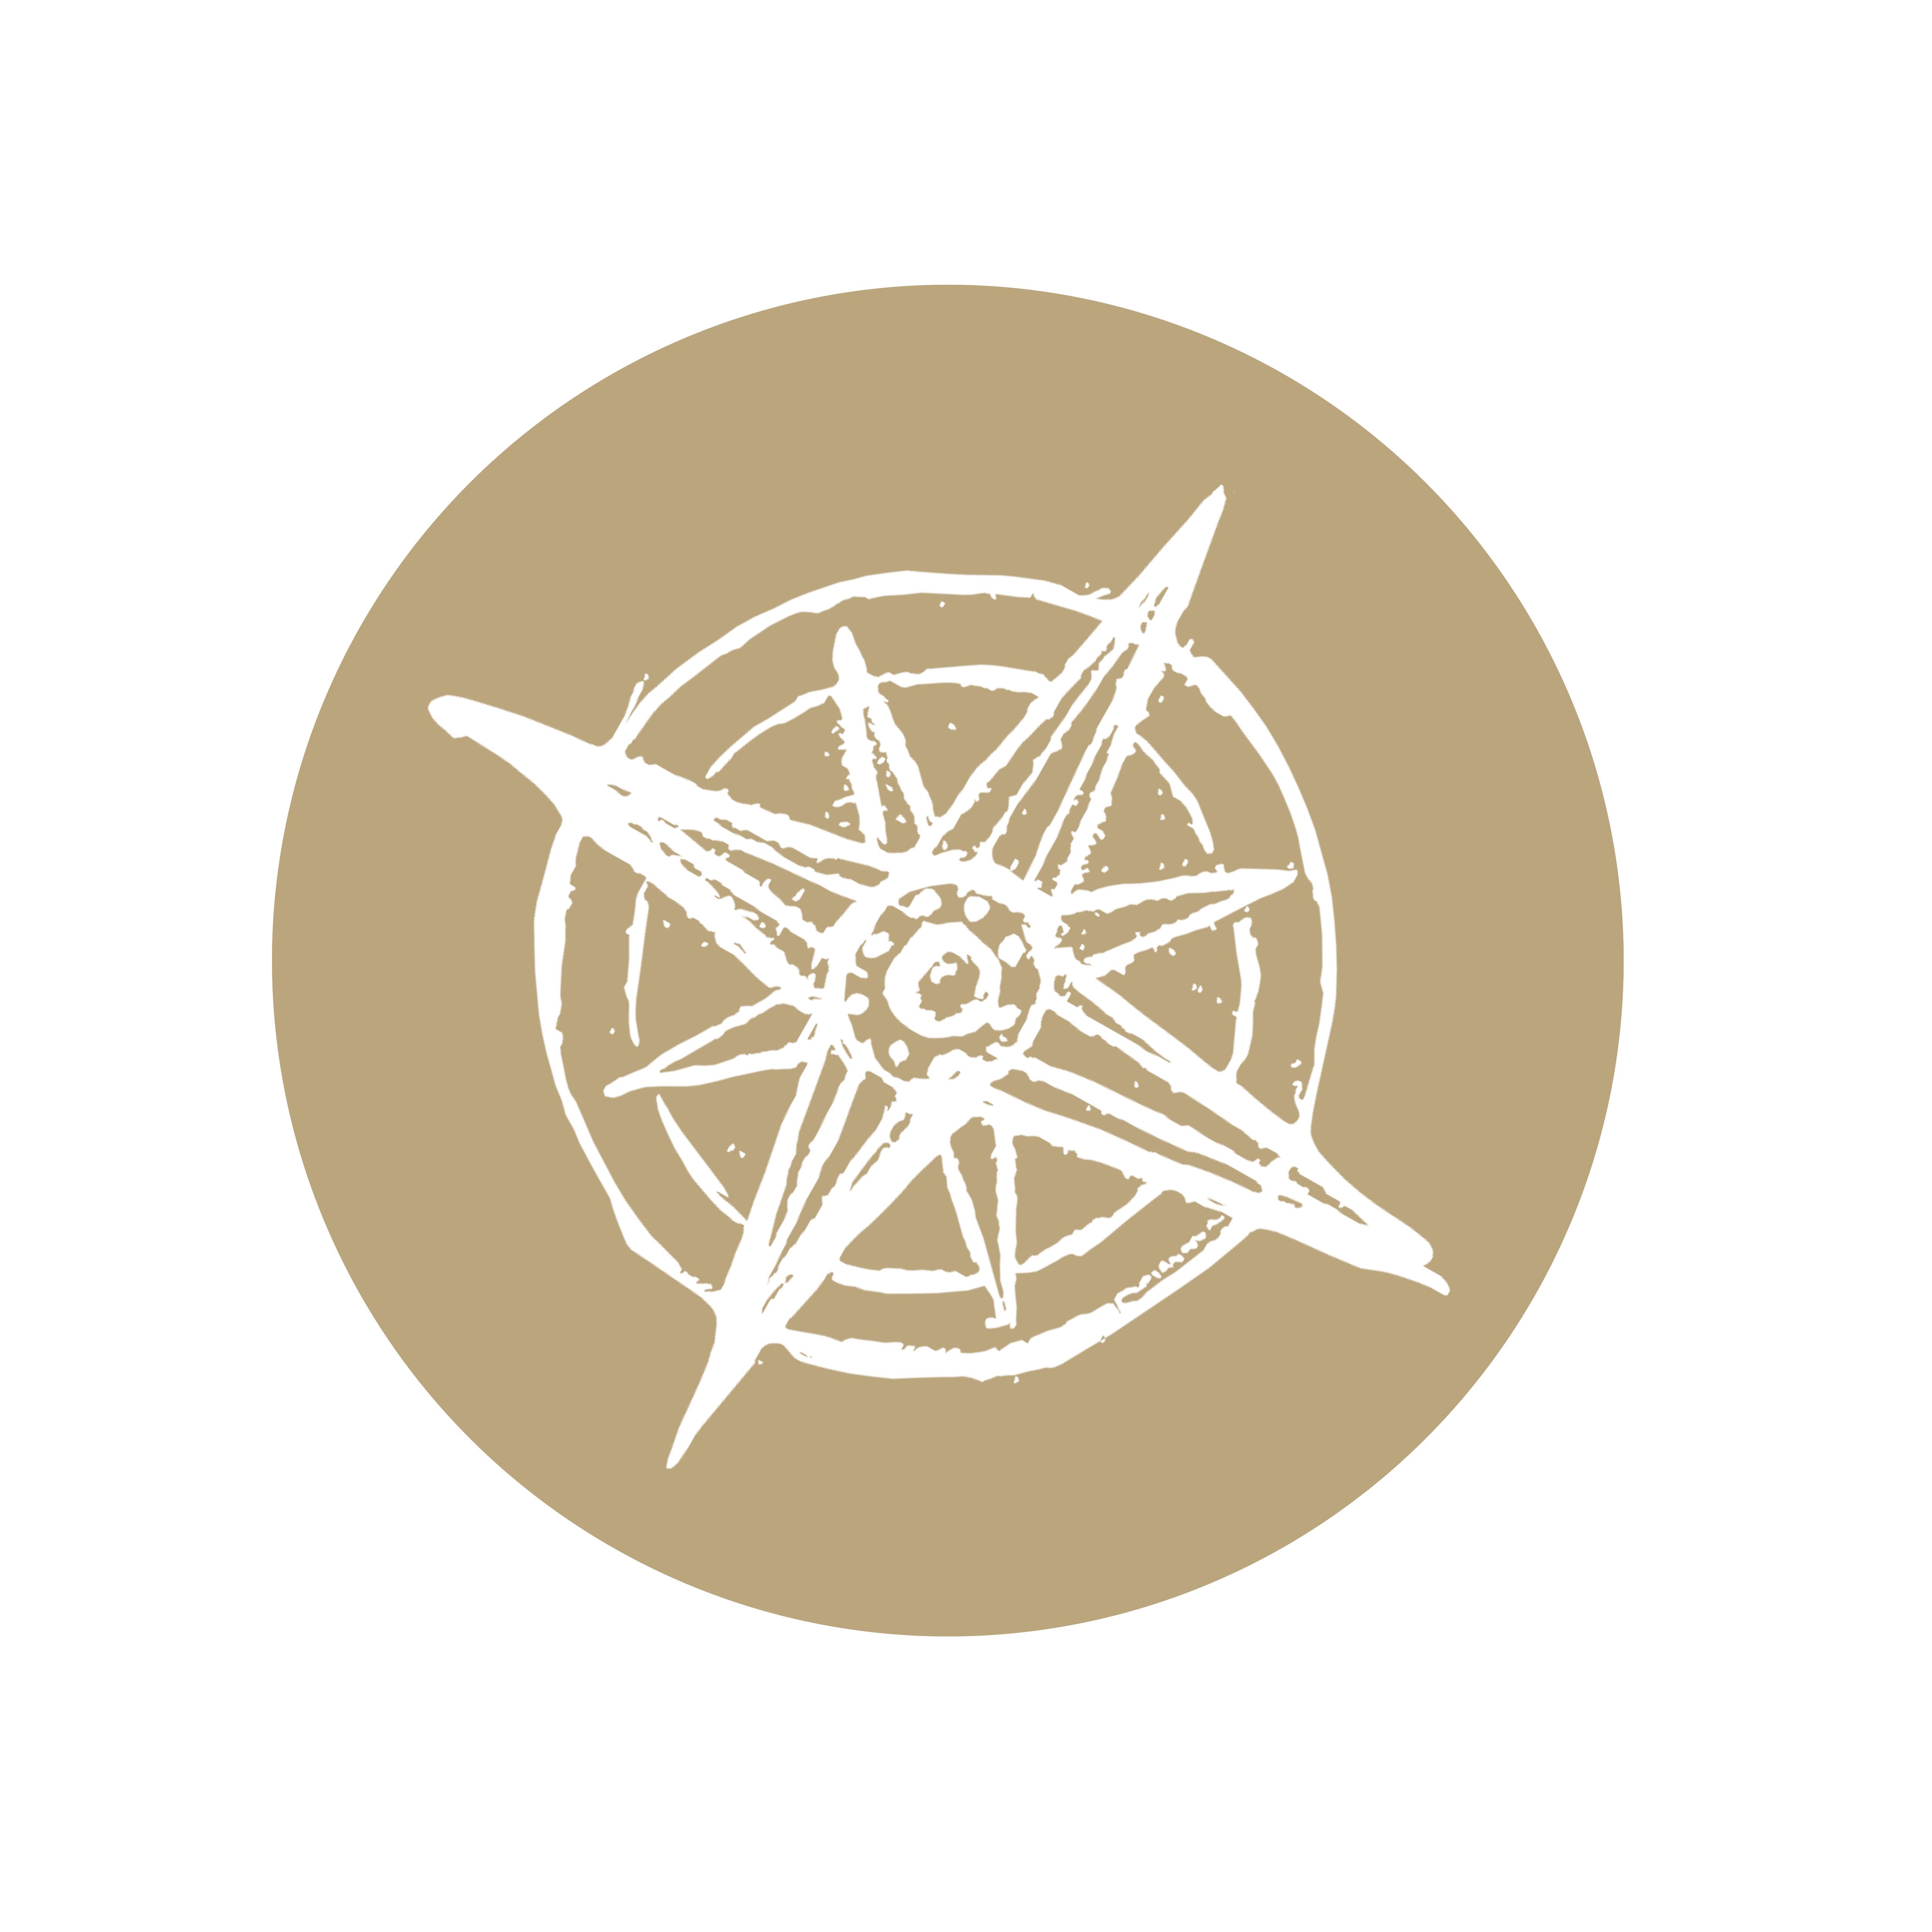 IOAN_für_Kompass_ICON_rund_weiß